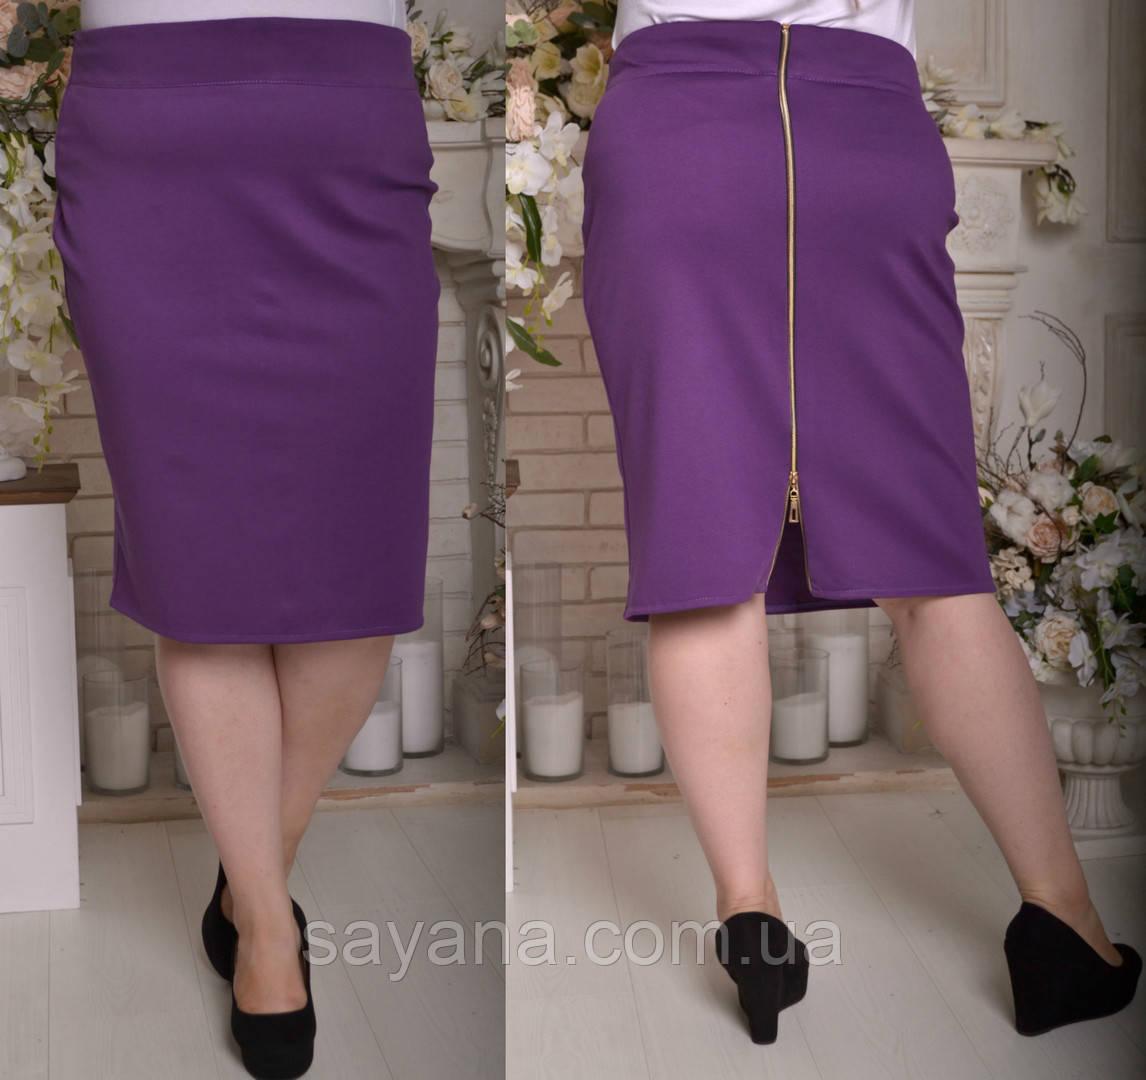 b160e2ab6b94 Женская трикотажная юбка со змейкой в расцветках, р-р 50-60. НО-9-0918